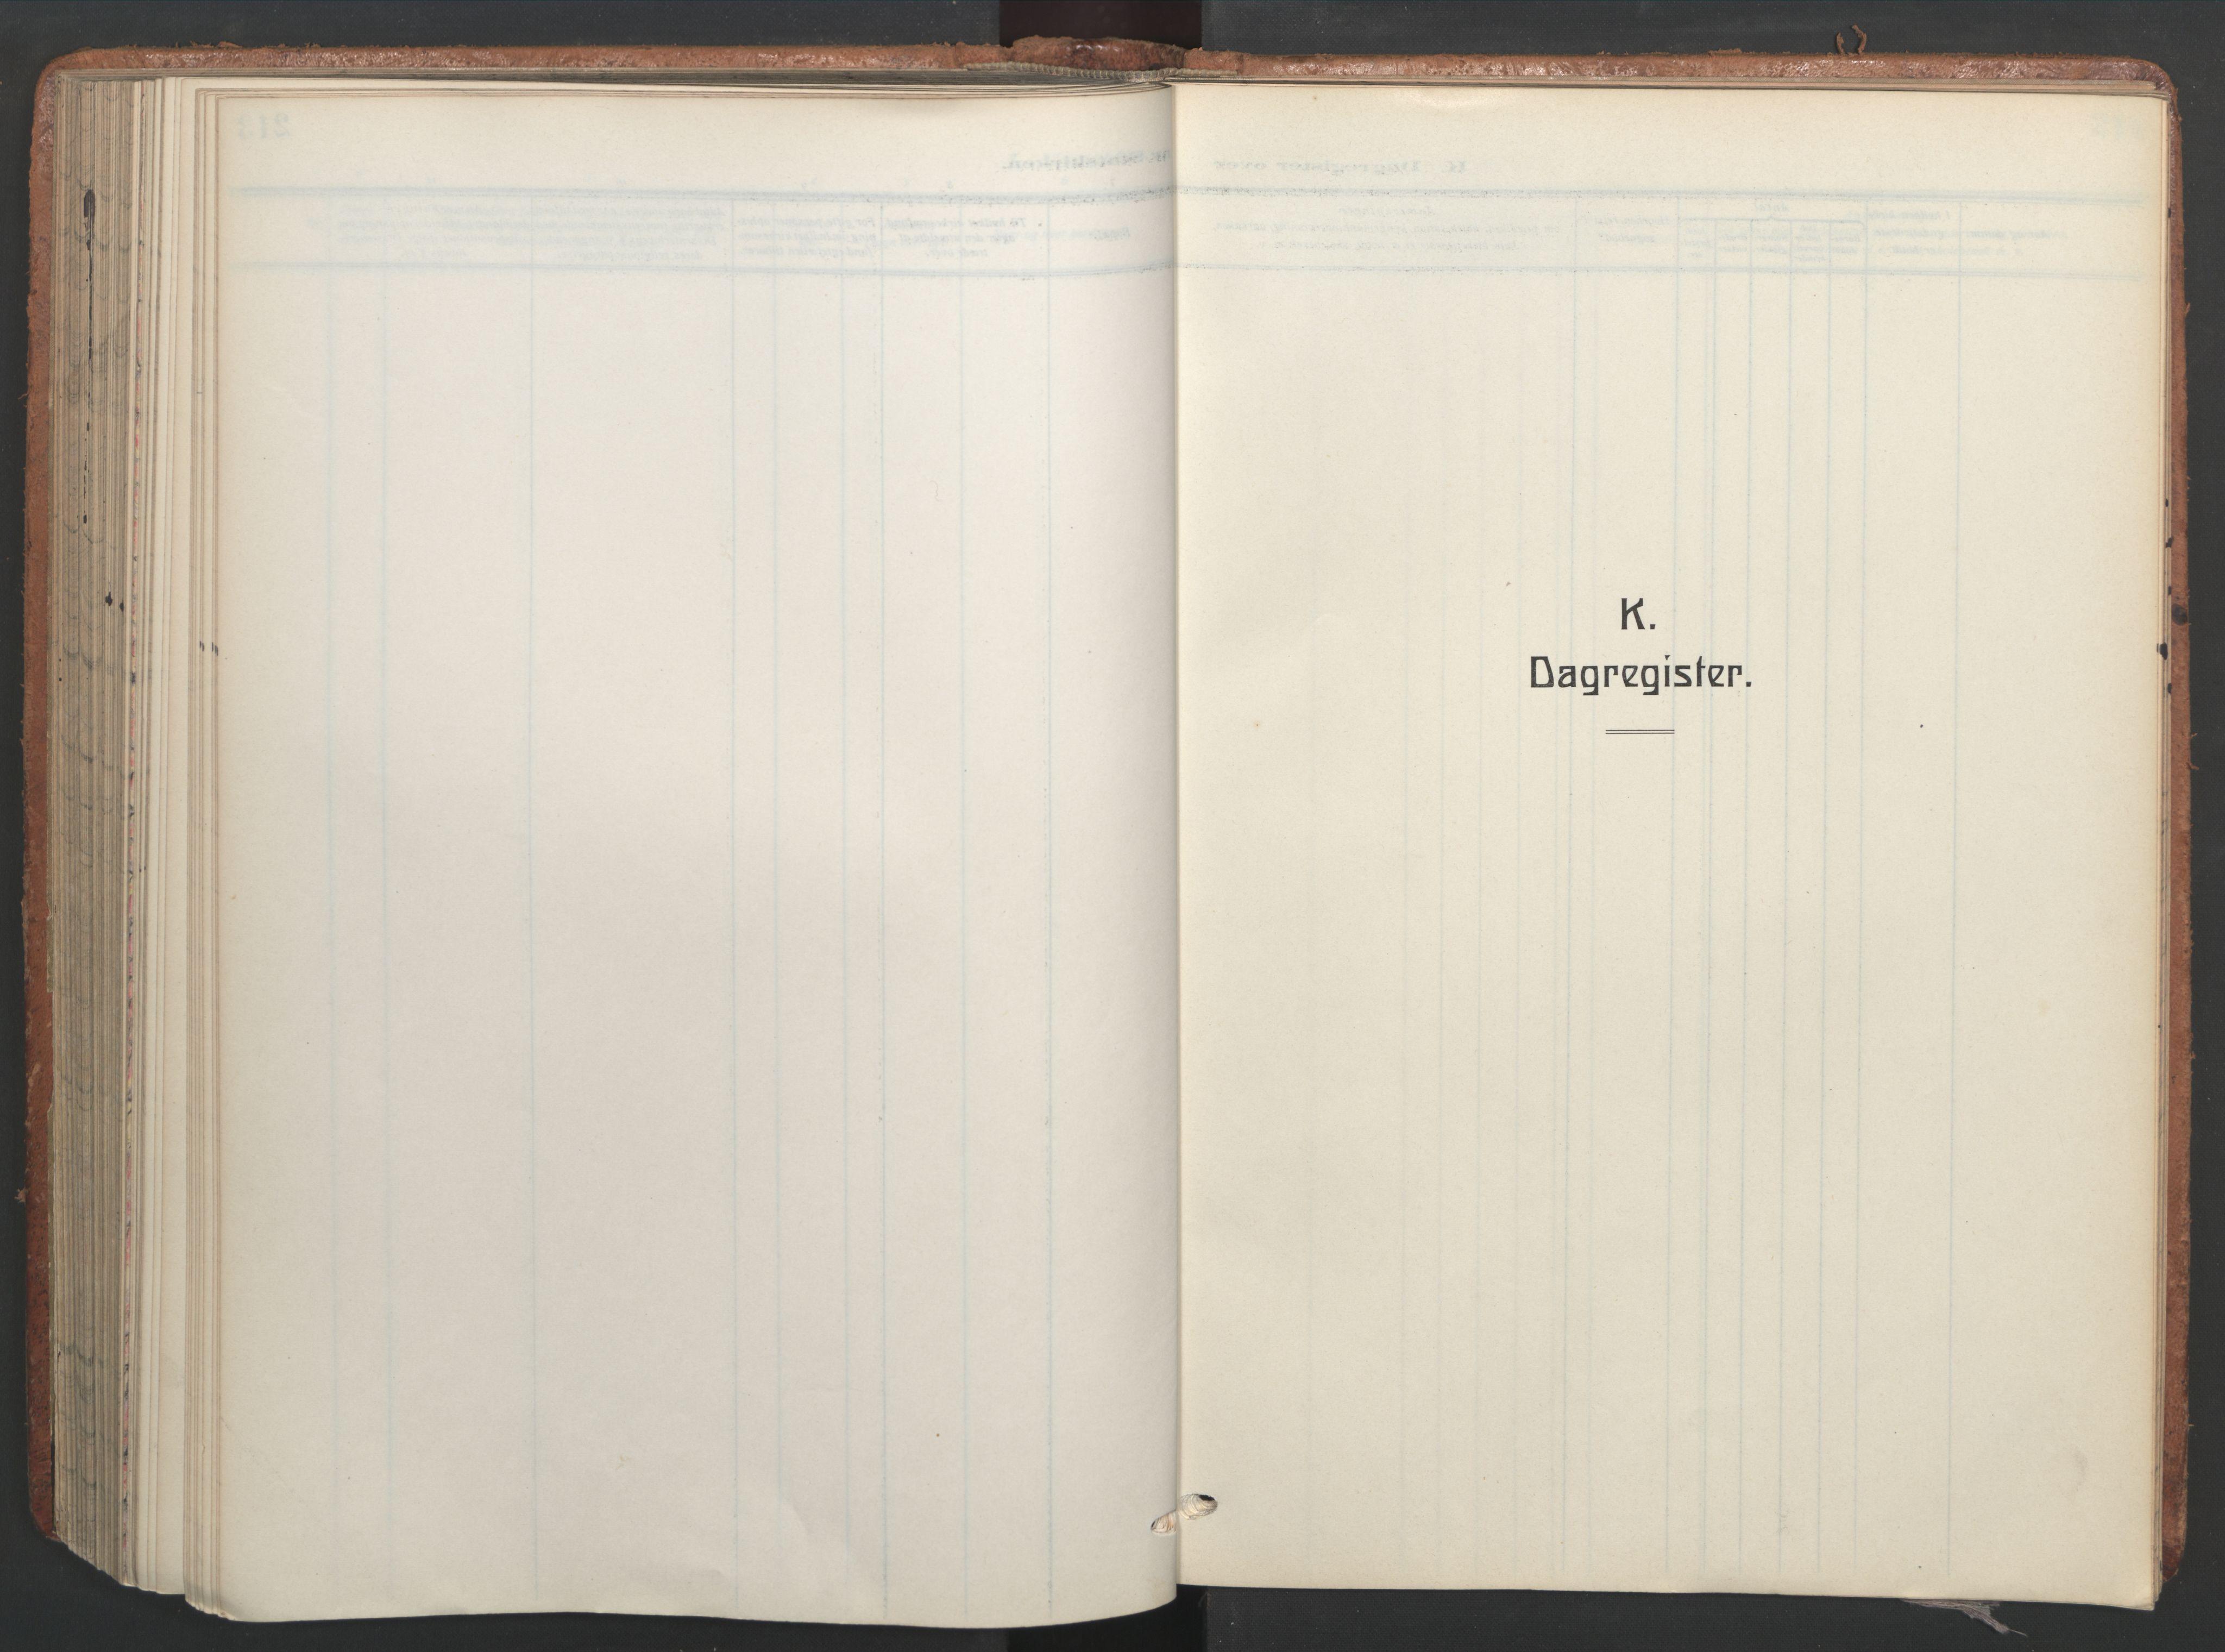 SAT, Ministerialprotokoller, klokkerbøker og fødselsregistre - Sør-Trøndelag, 656/L0694: Ministerialbok nr. 656A03, 1914-1931, s. 213